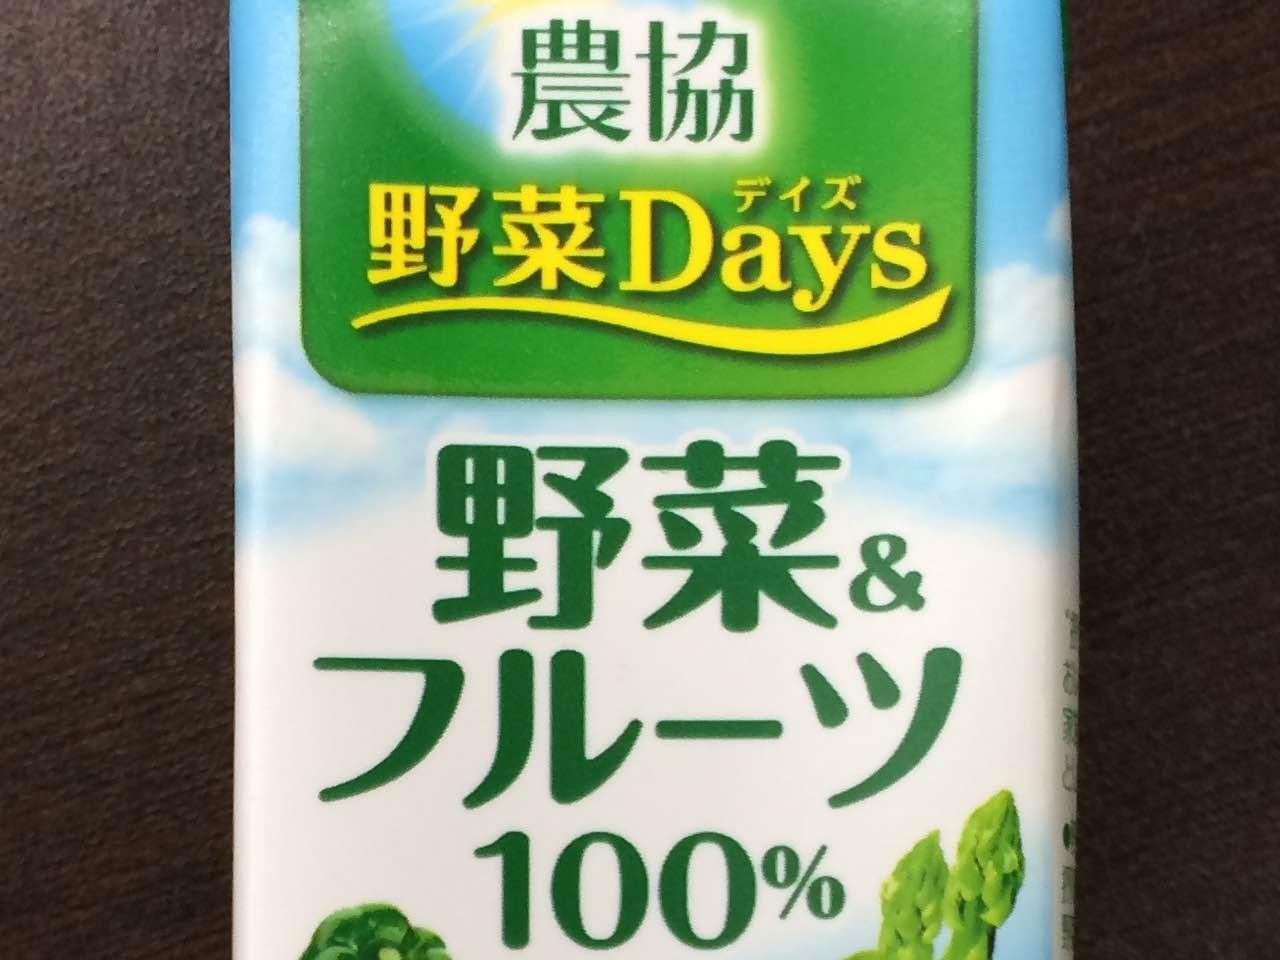 農協 野菜Days 野菜&フルーツ100%